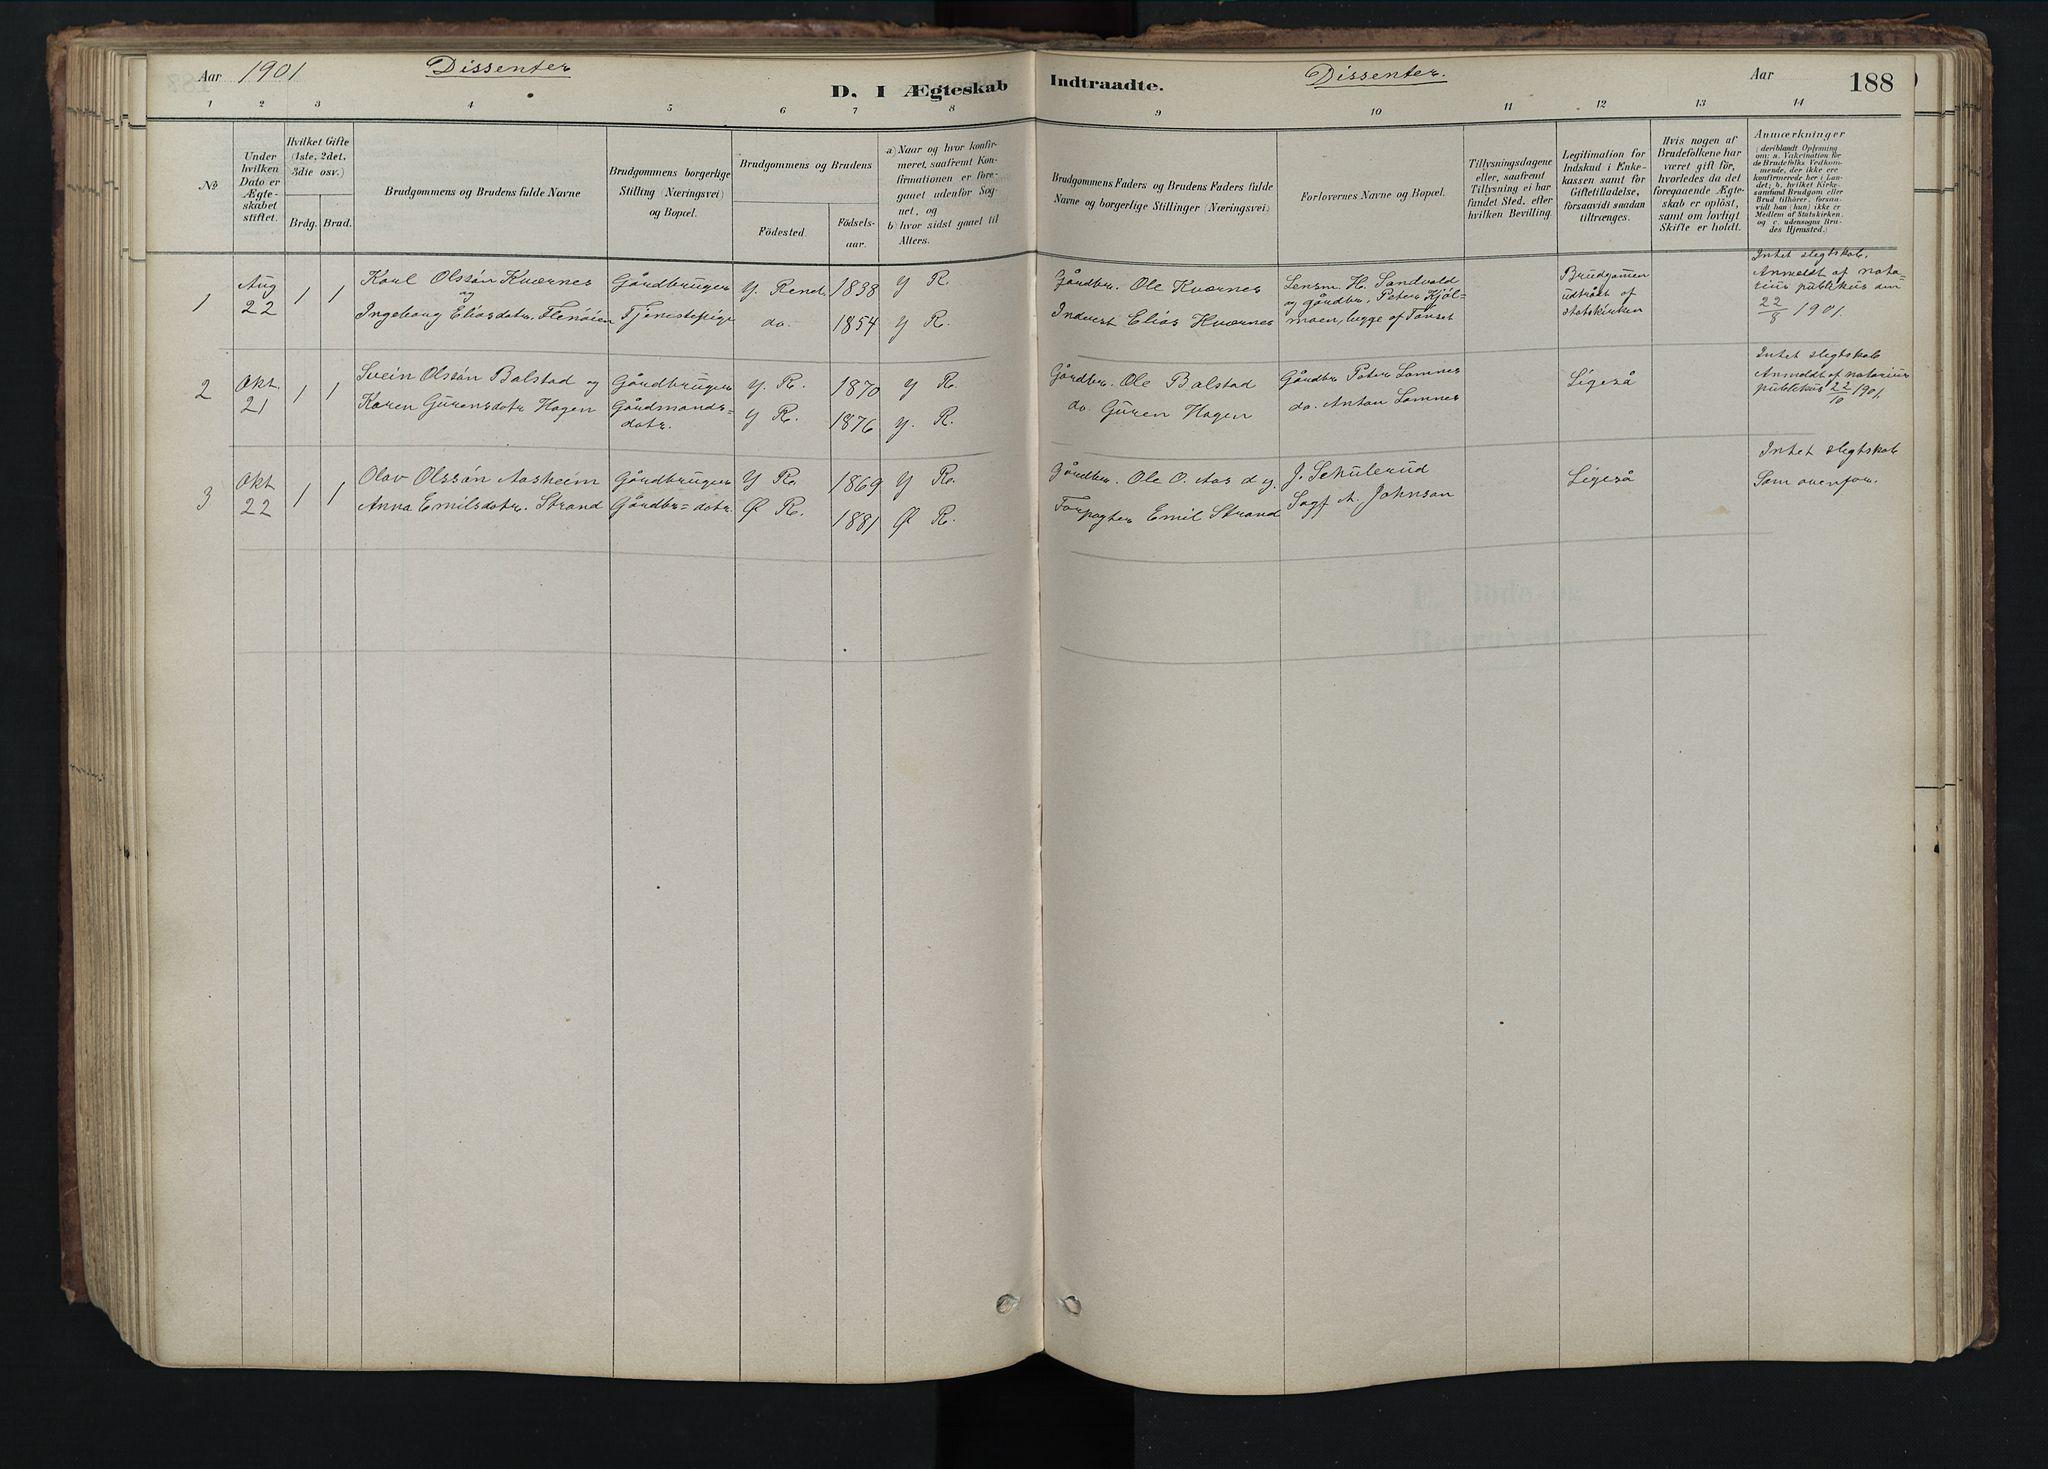 SAH, Rendalen prestekontor, H/Ha/Hab/L0009: Klokkerbok nr. 9, 1879-1902, s. 188